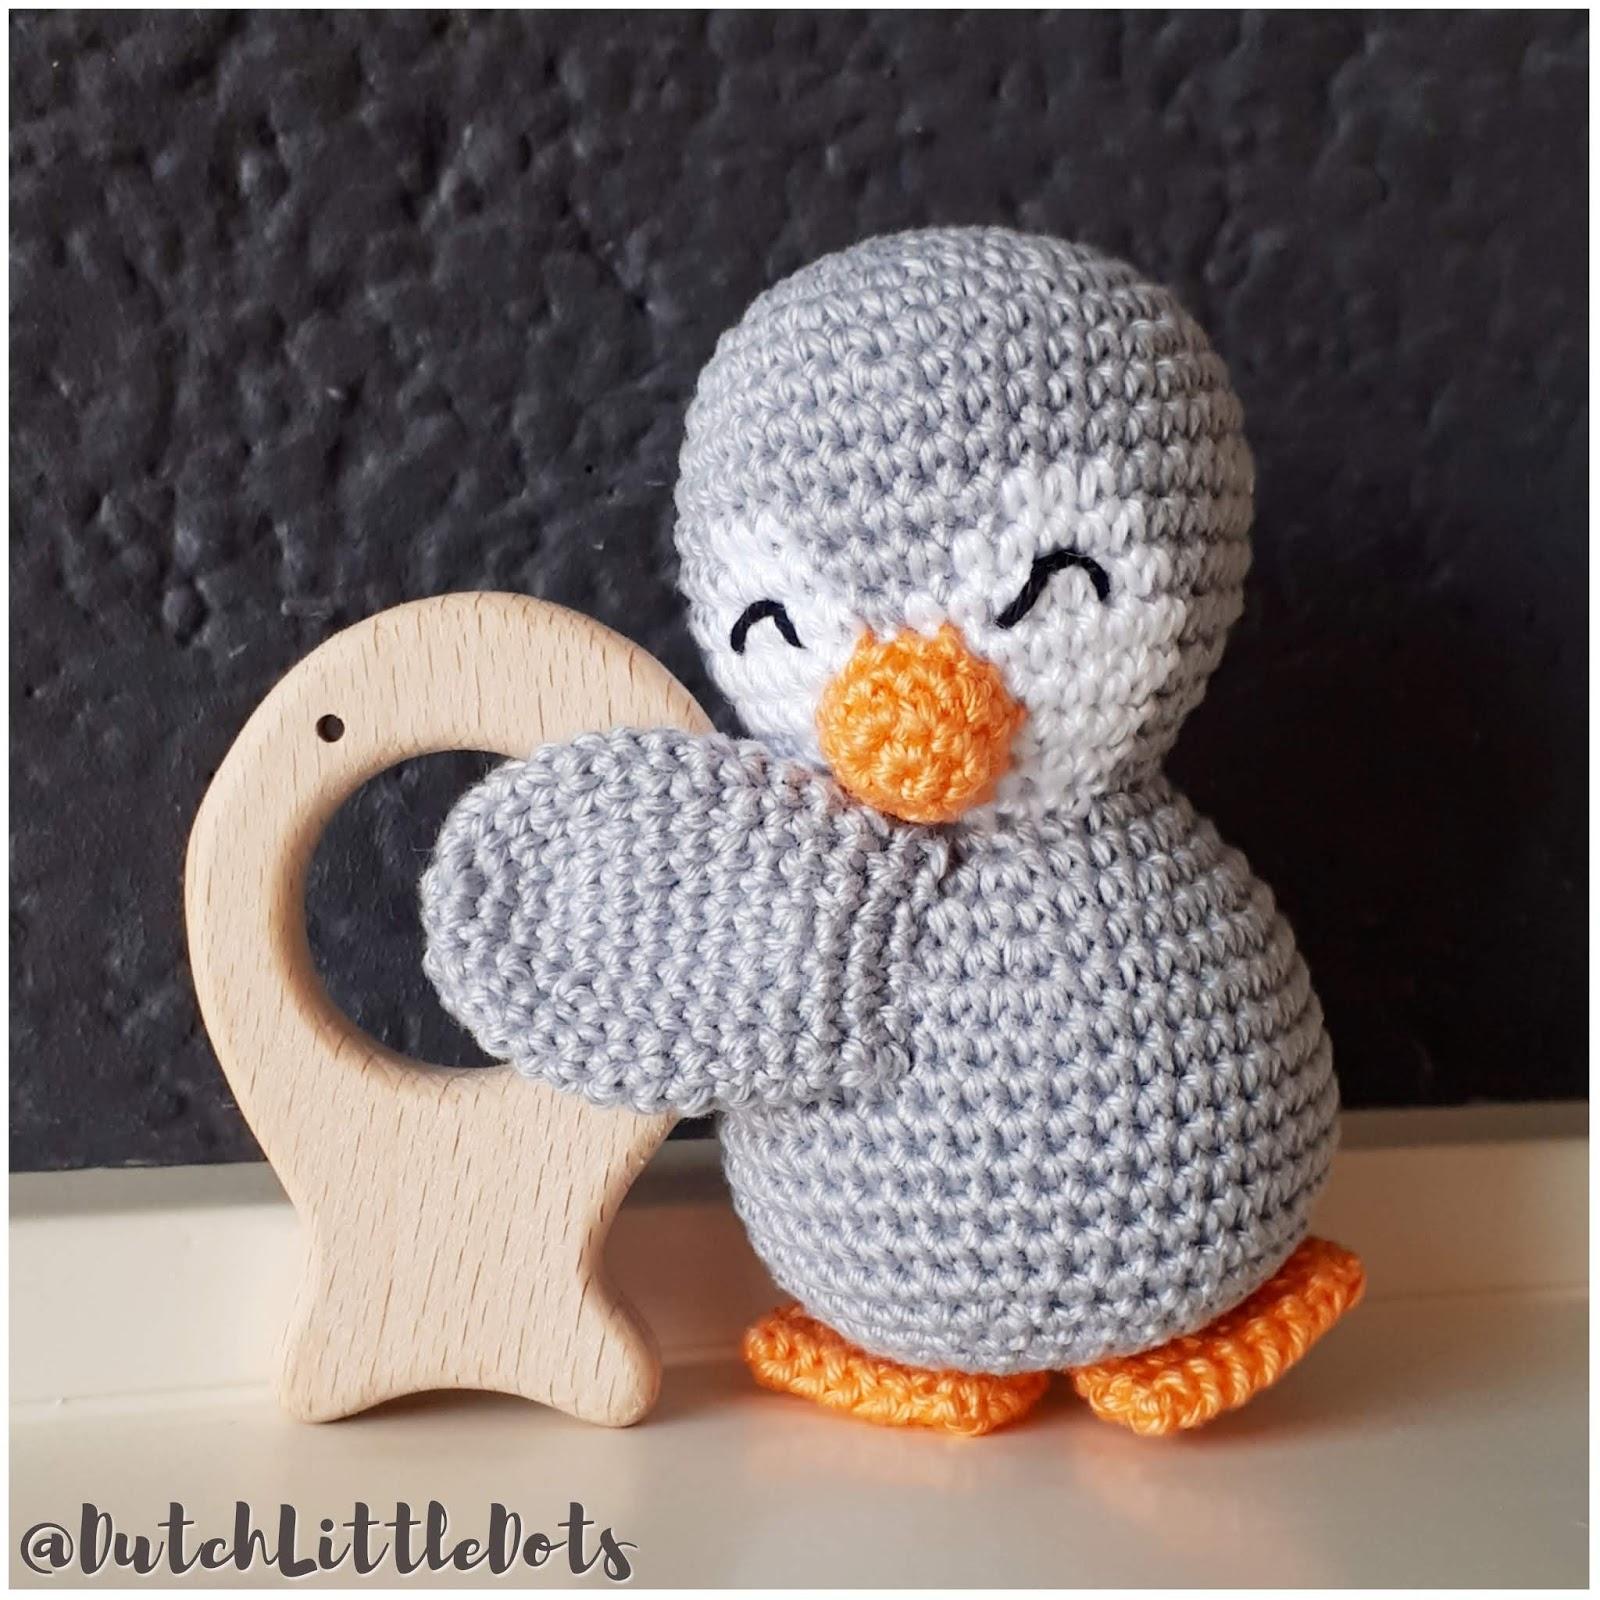 Dutchlittledots Irene Haakt Pinguïn Rammelaar Met Houten Visje